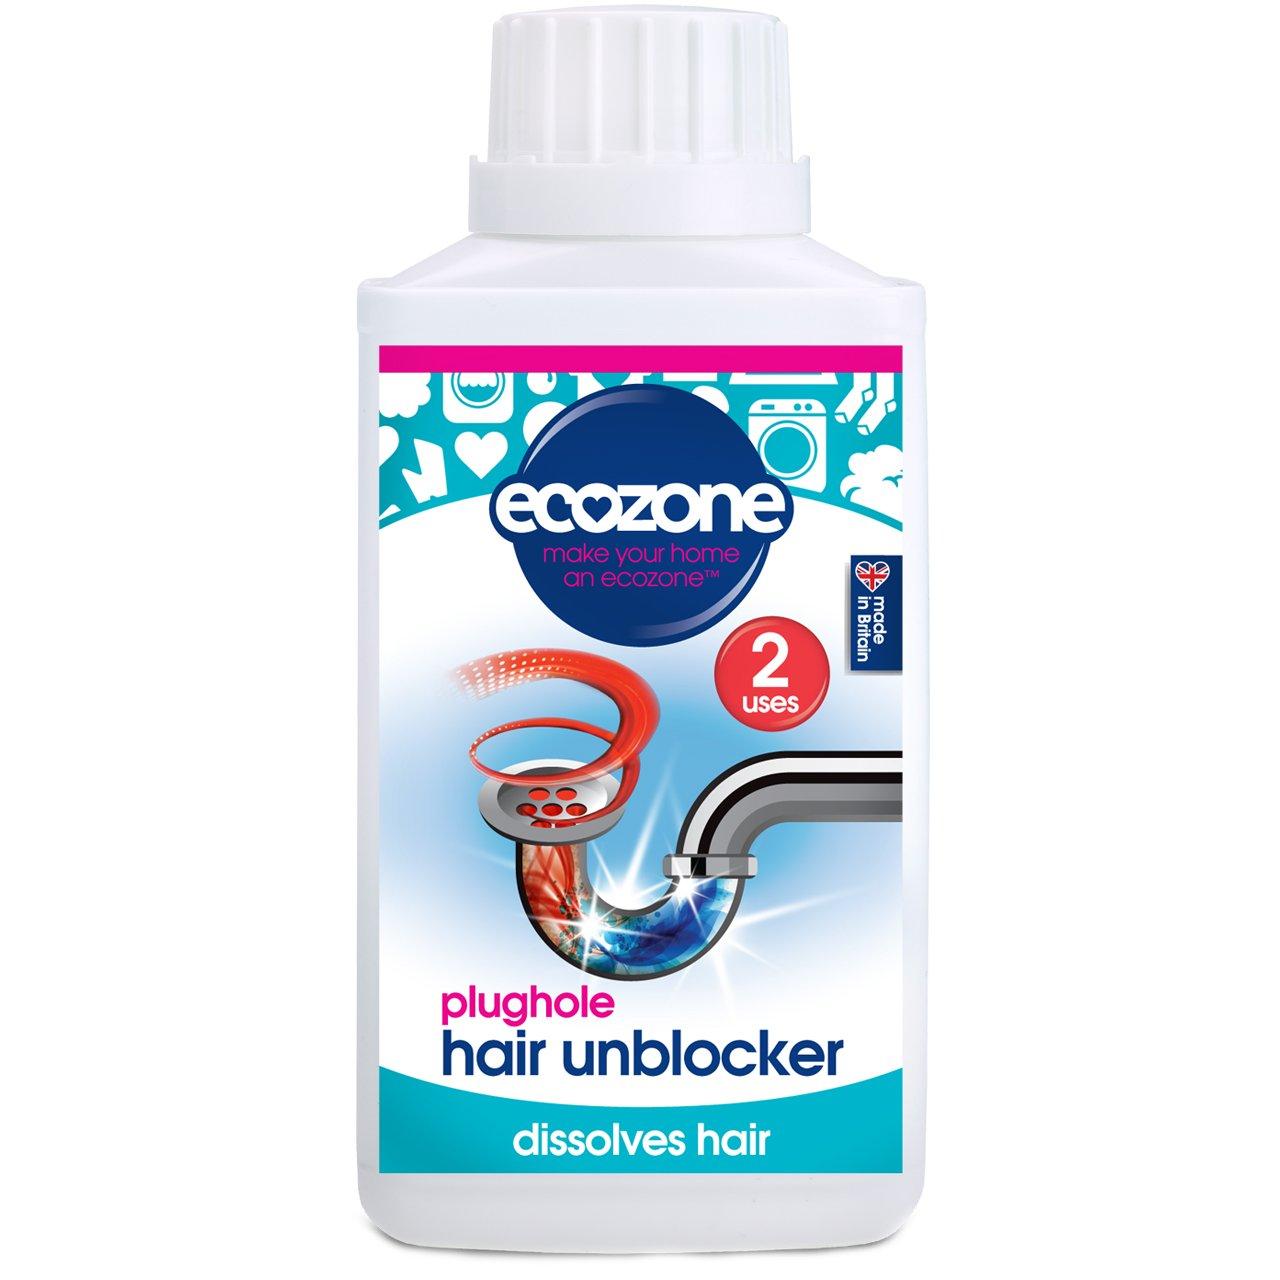 Ecozone Plughole Hair Unblocker, 2 Uses EZ6